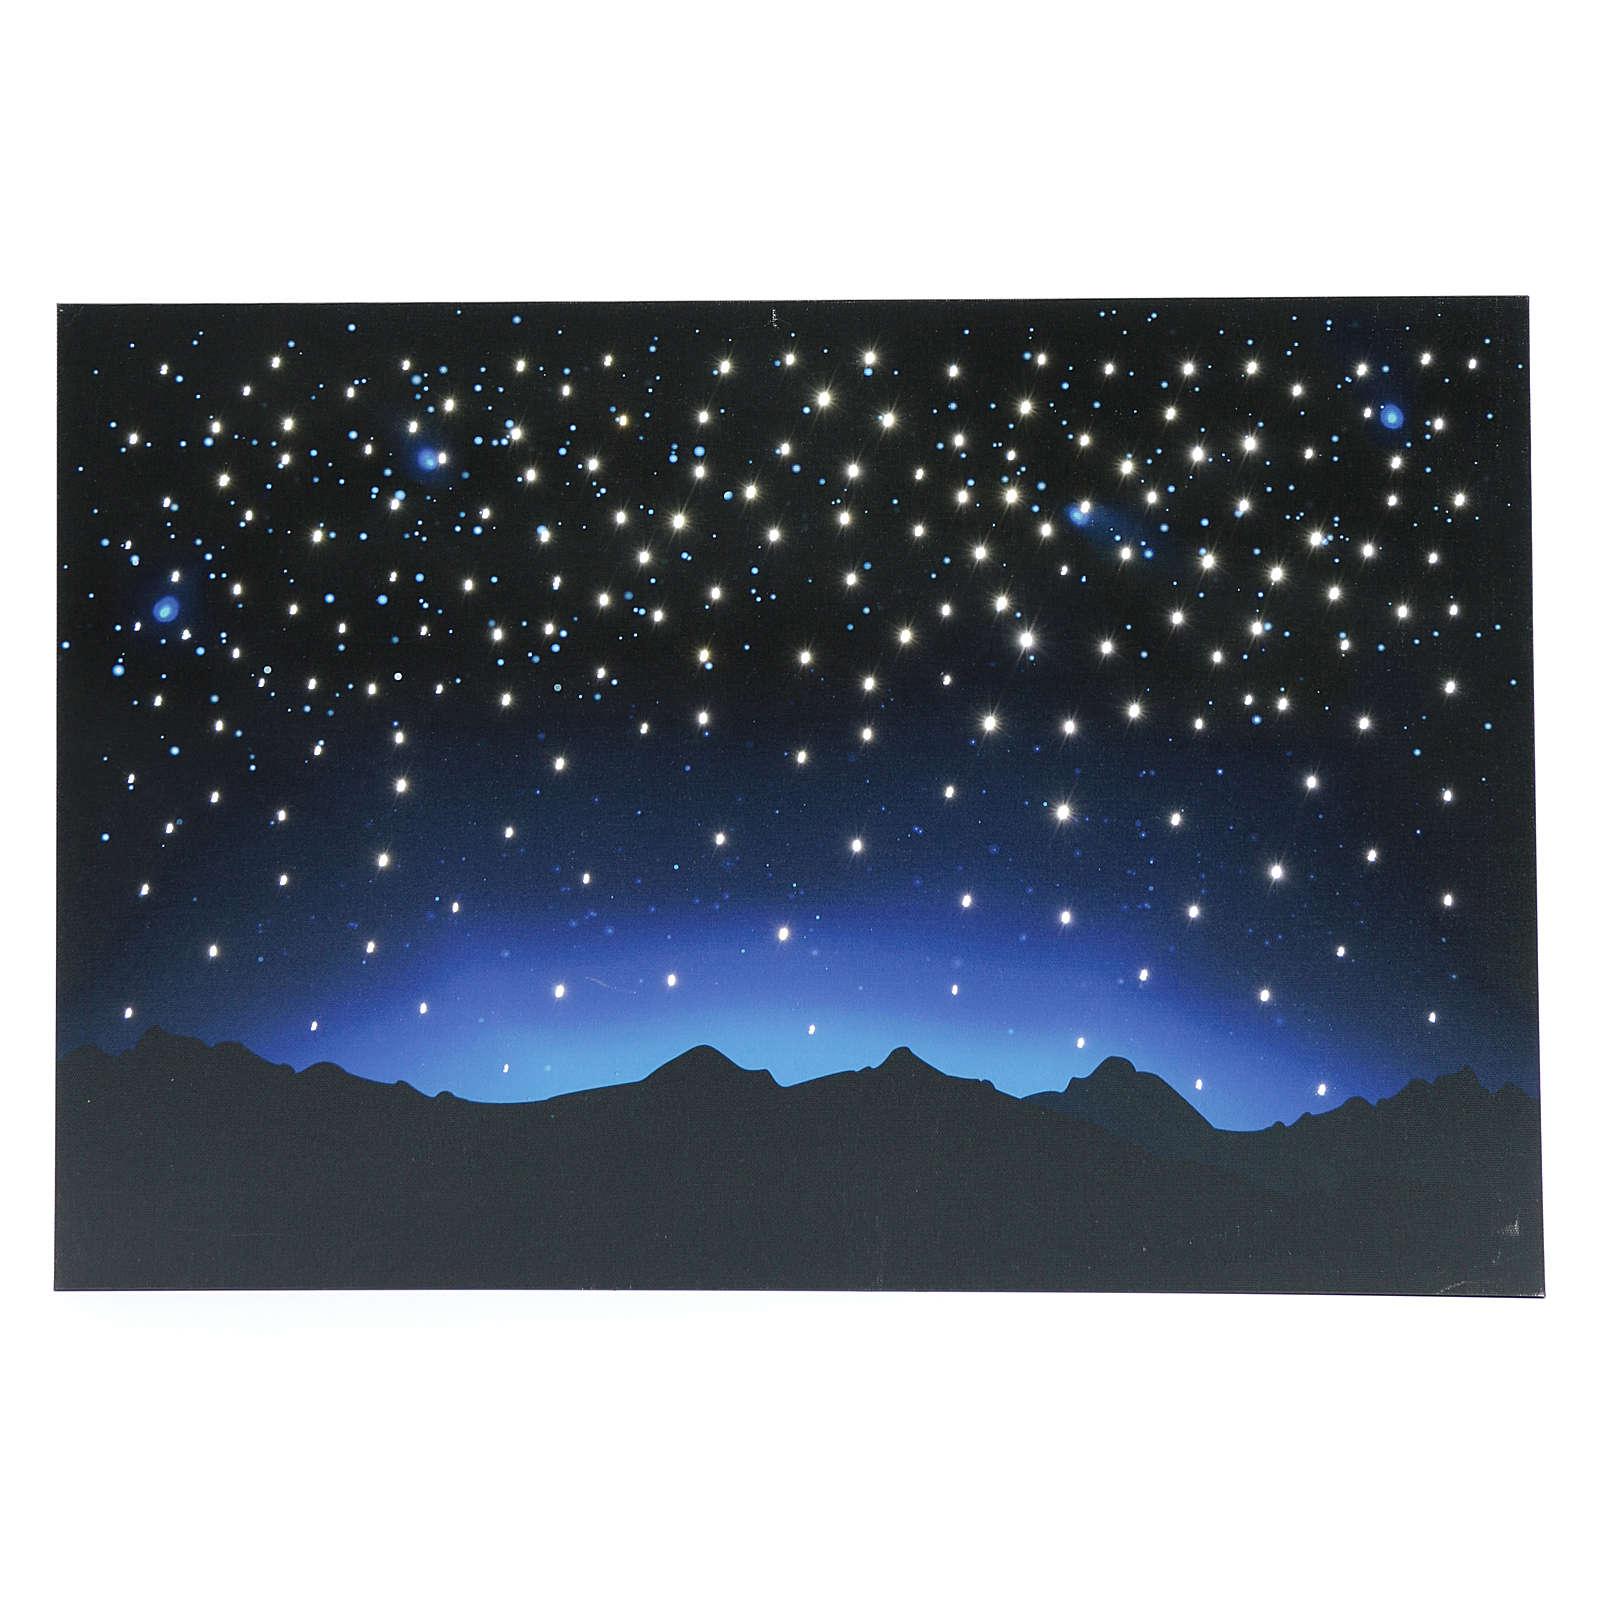 Hintergrund für DIY-Krippe nächtlicher Himmel und Berge mit LED- und Glasfaser-Beleuchtung 40x60 cm 4